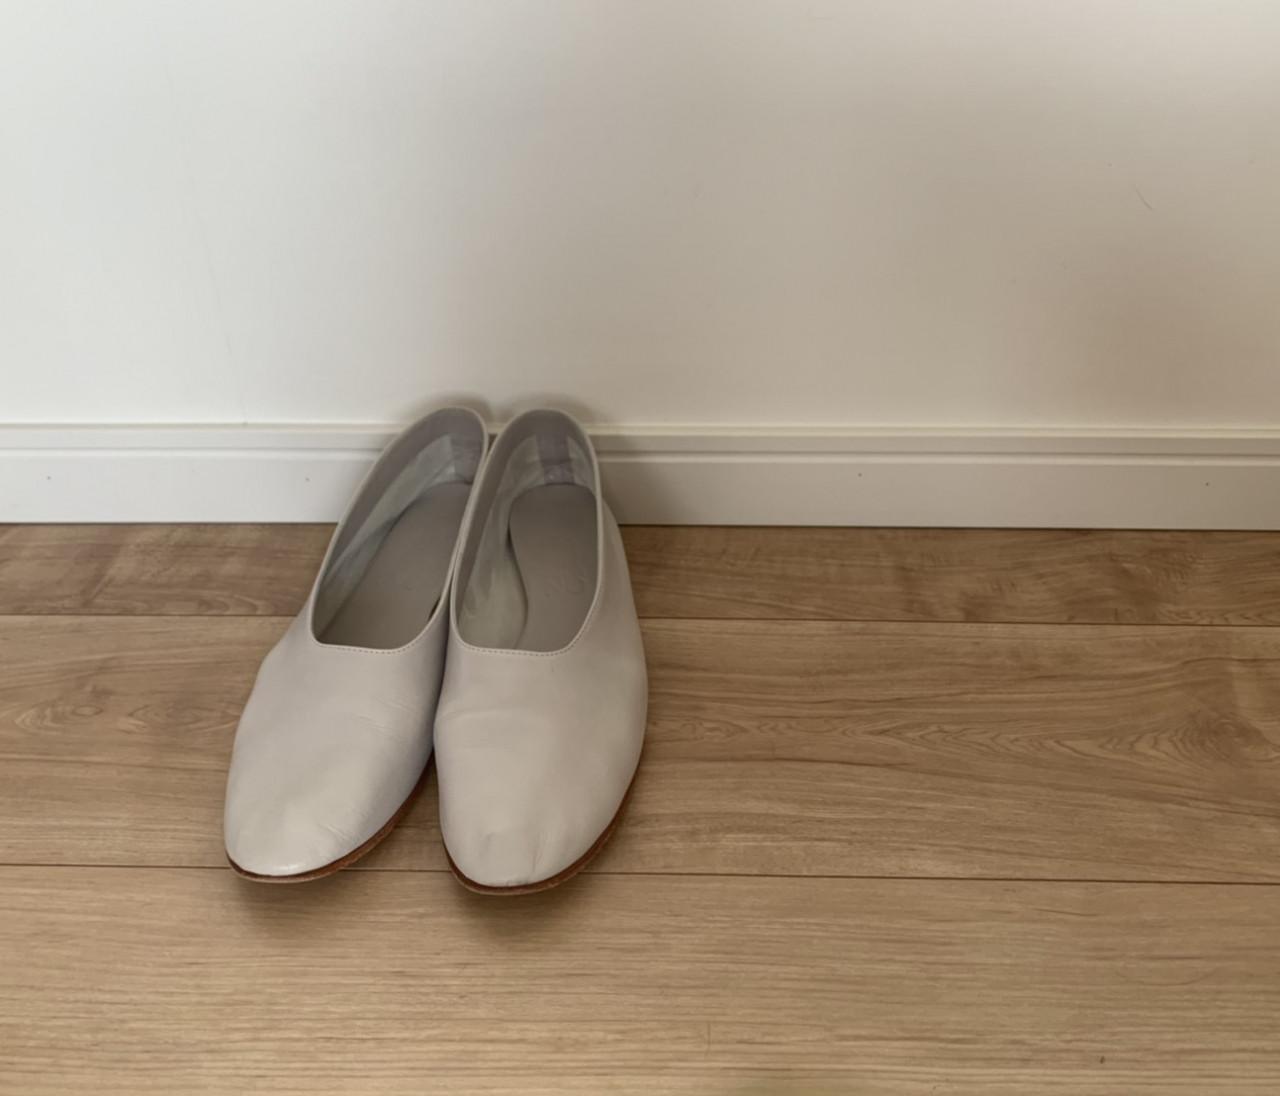 大満足だからちょっぴり後悔。マルティニアーノの名品フラット靴【30代に幸せをくれるものvol.14】